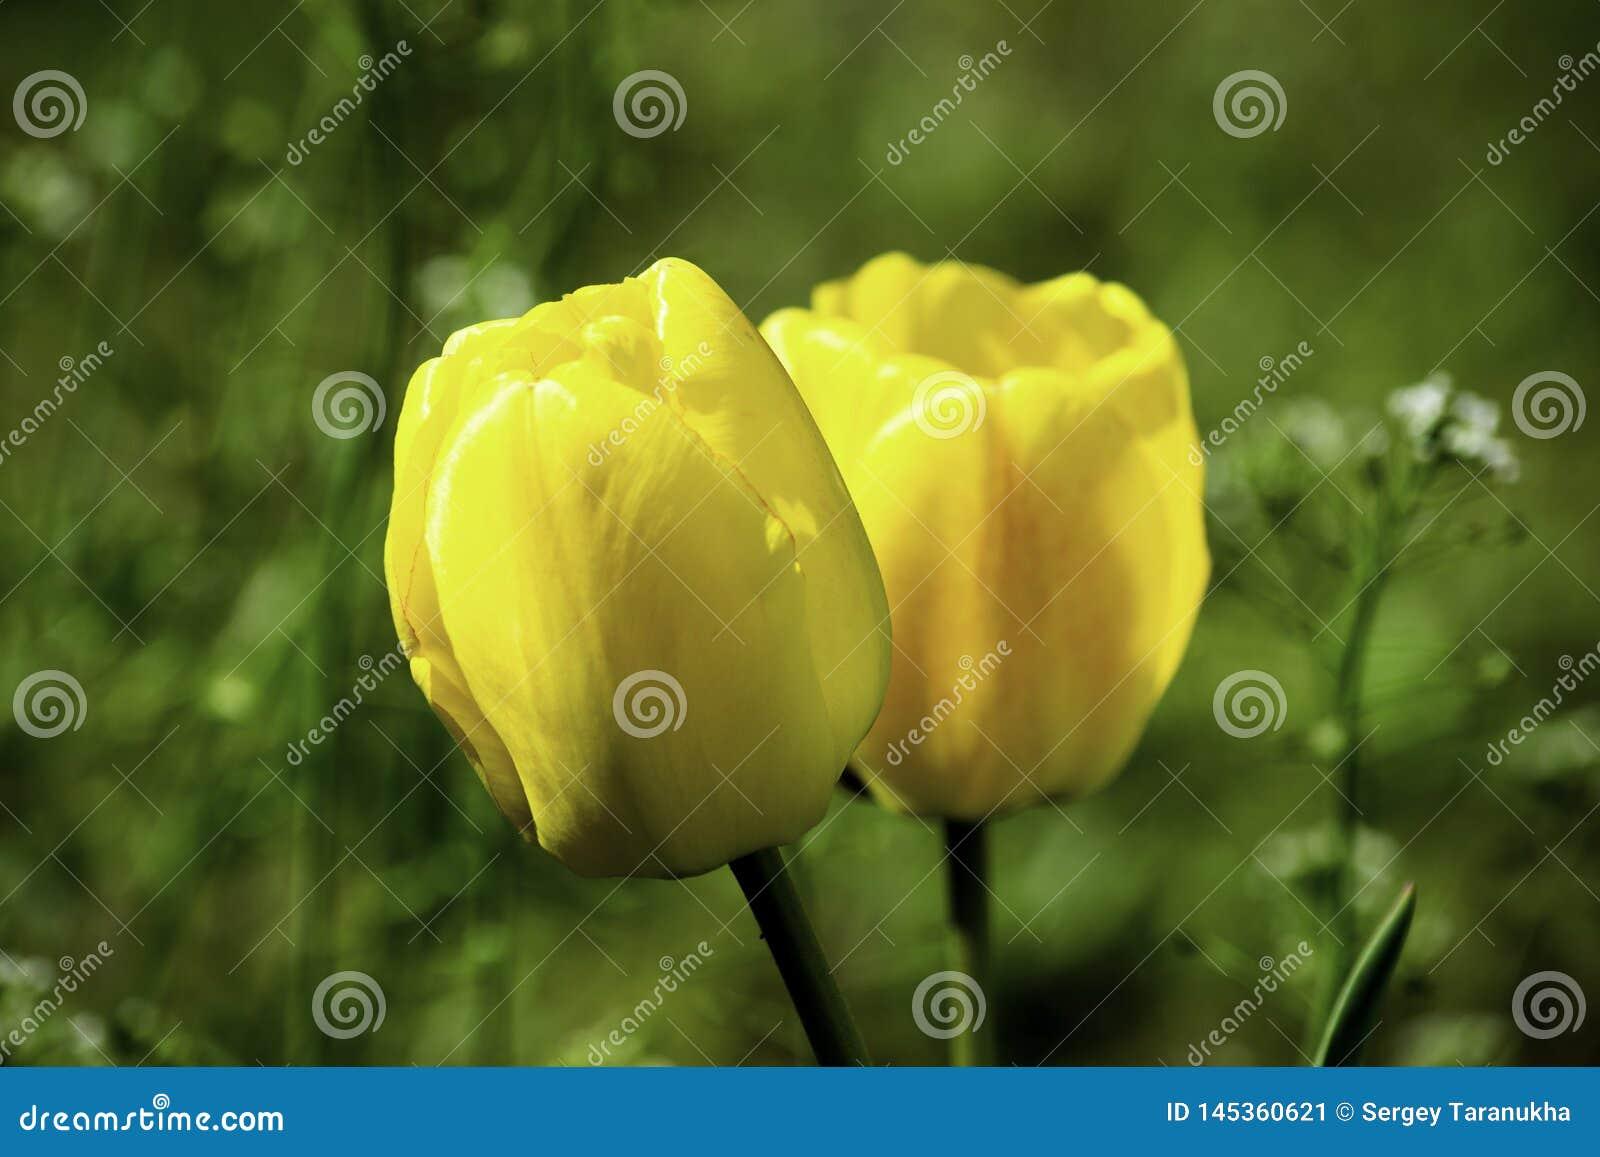 Tulipes jaunes s élevant sur une pelouse verte au printemps